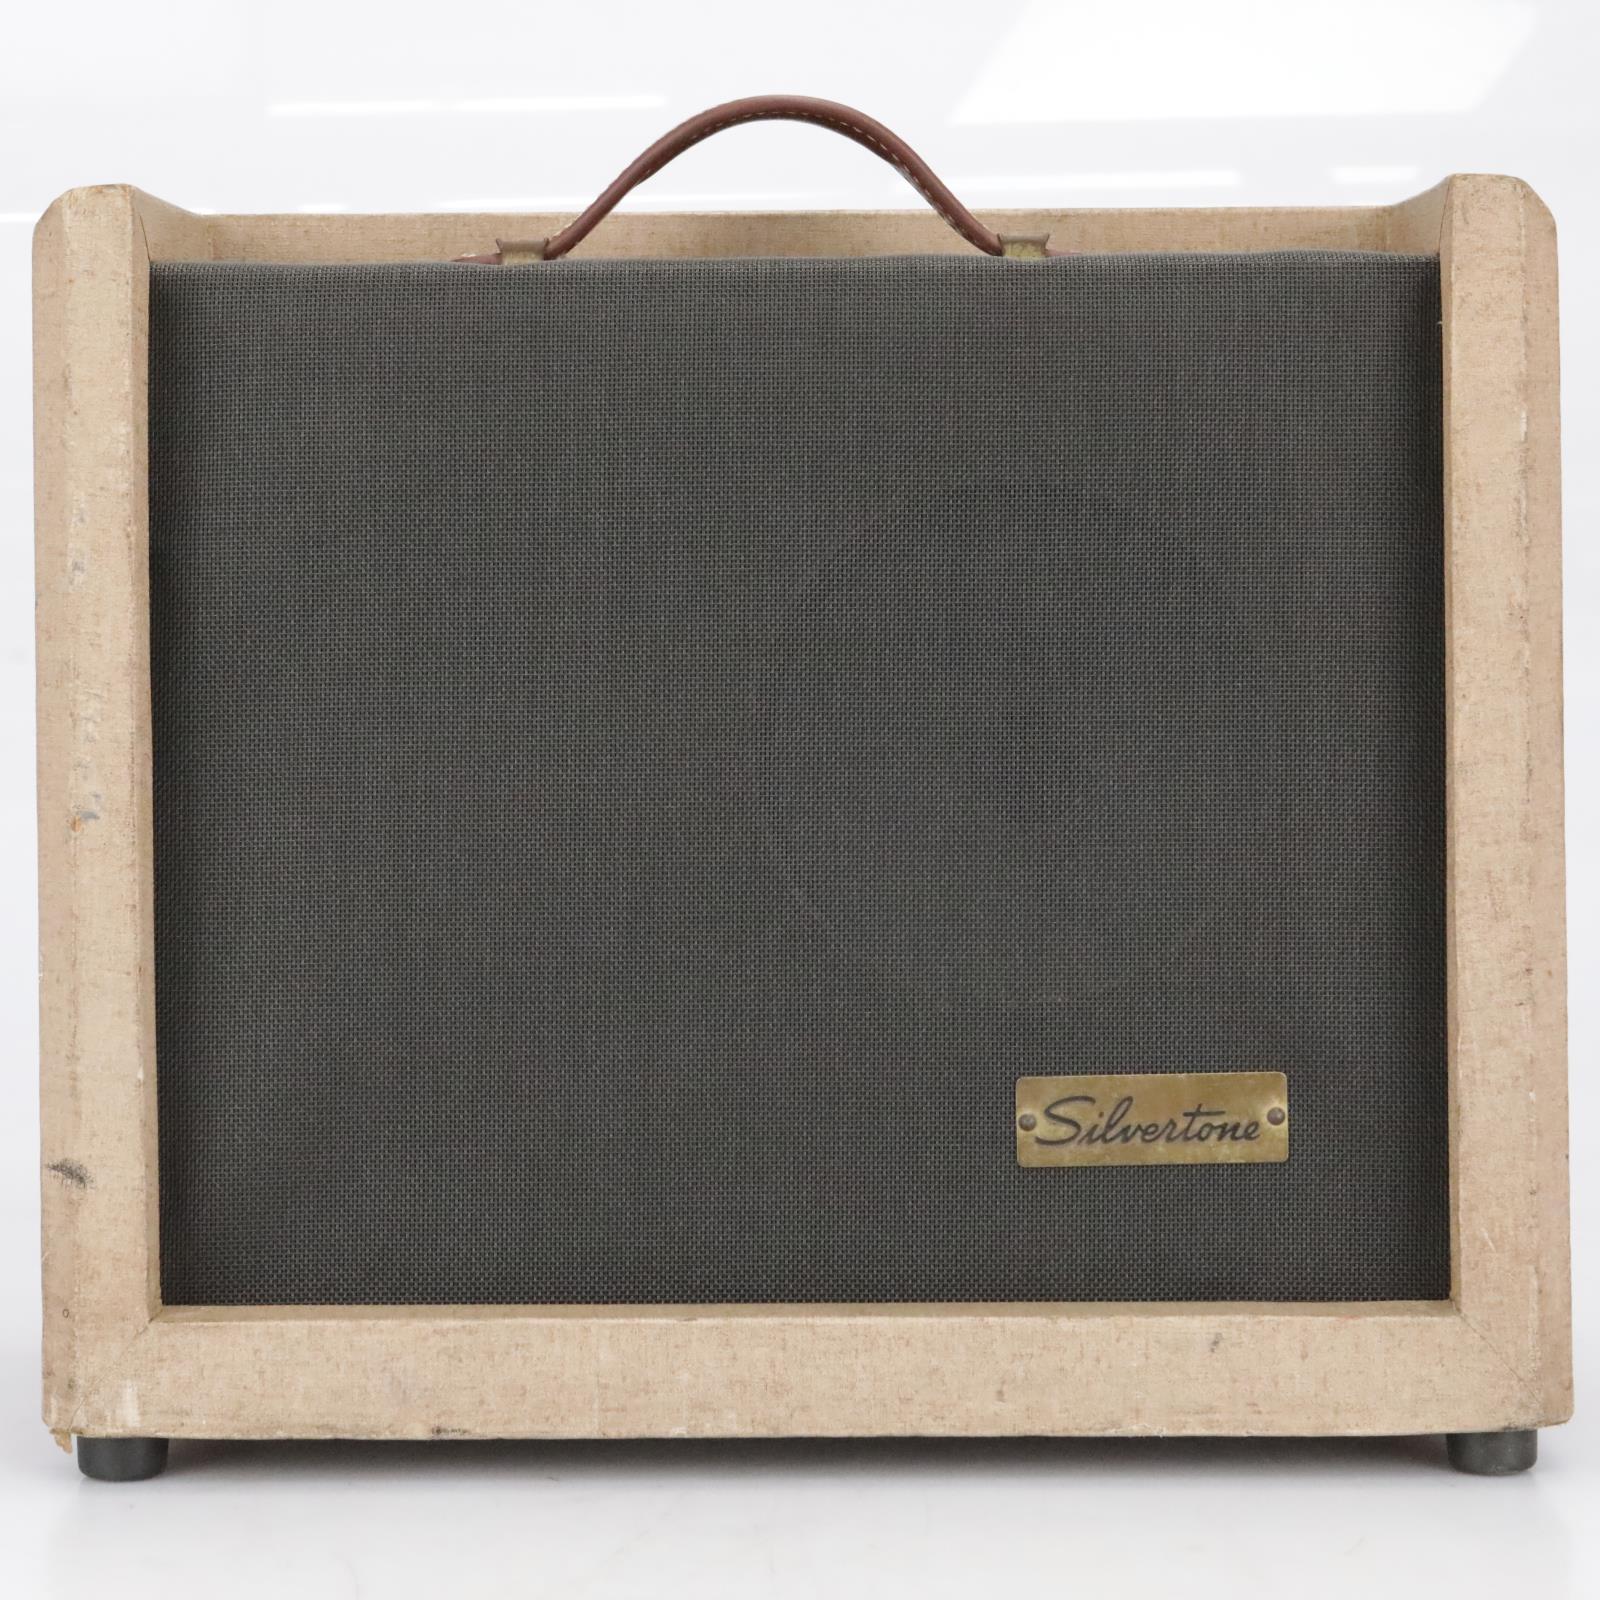 """Silvertone 1391 5-Watt 1x8"""" Tube Guitar Combo Amplifier #41584"""